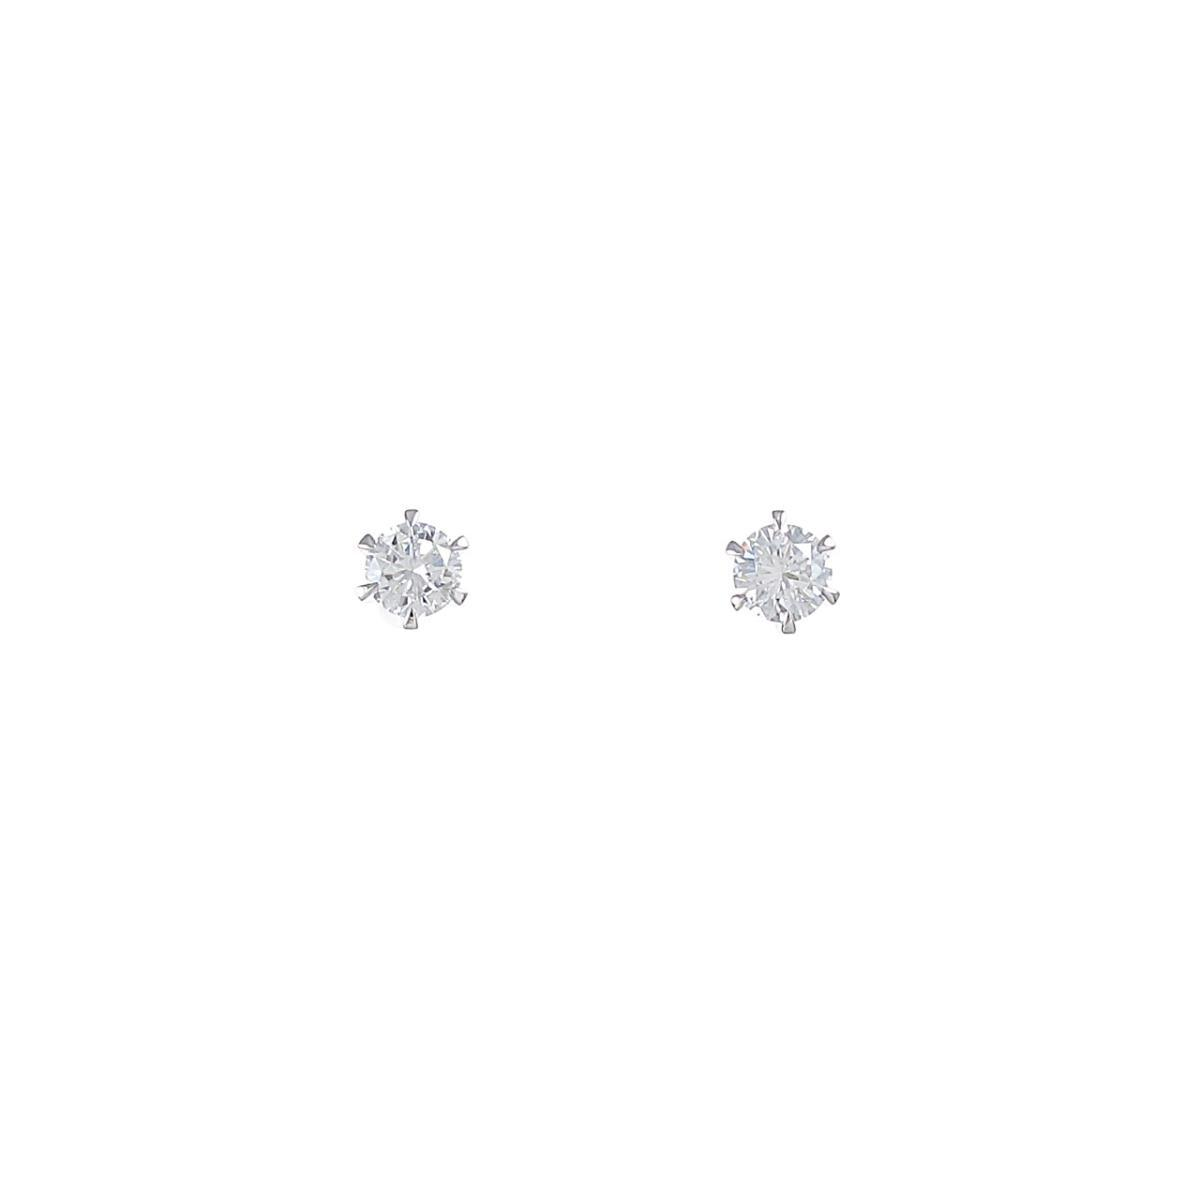 【リメイク】プラチナダイヤモンドピアス 0.225ct・0.247ct・D-E・VS1・GOOD【中古】